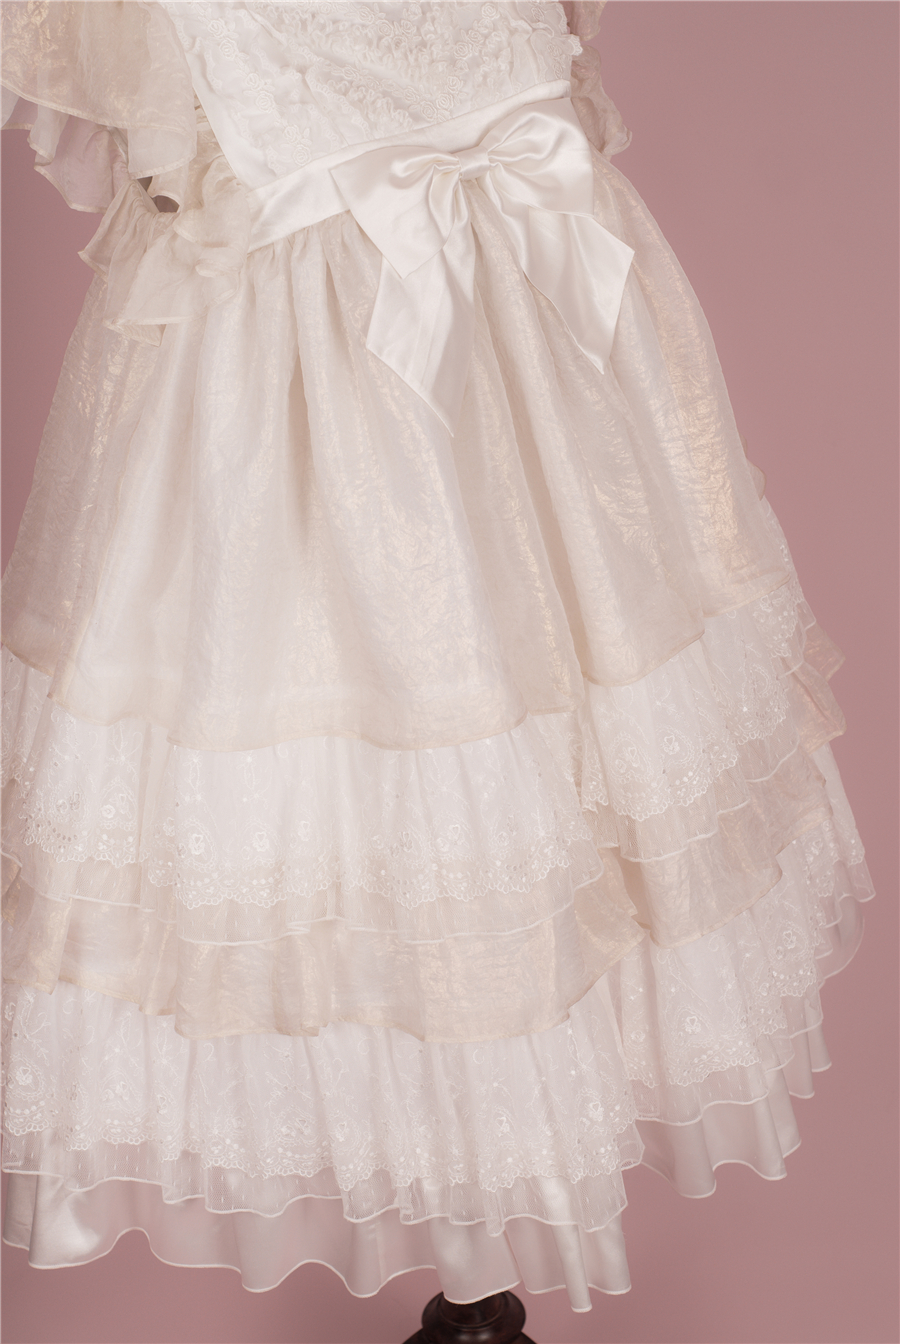 Babyponytail_Stock Photo_Present Angel_JSK White_0.jpg